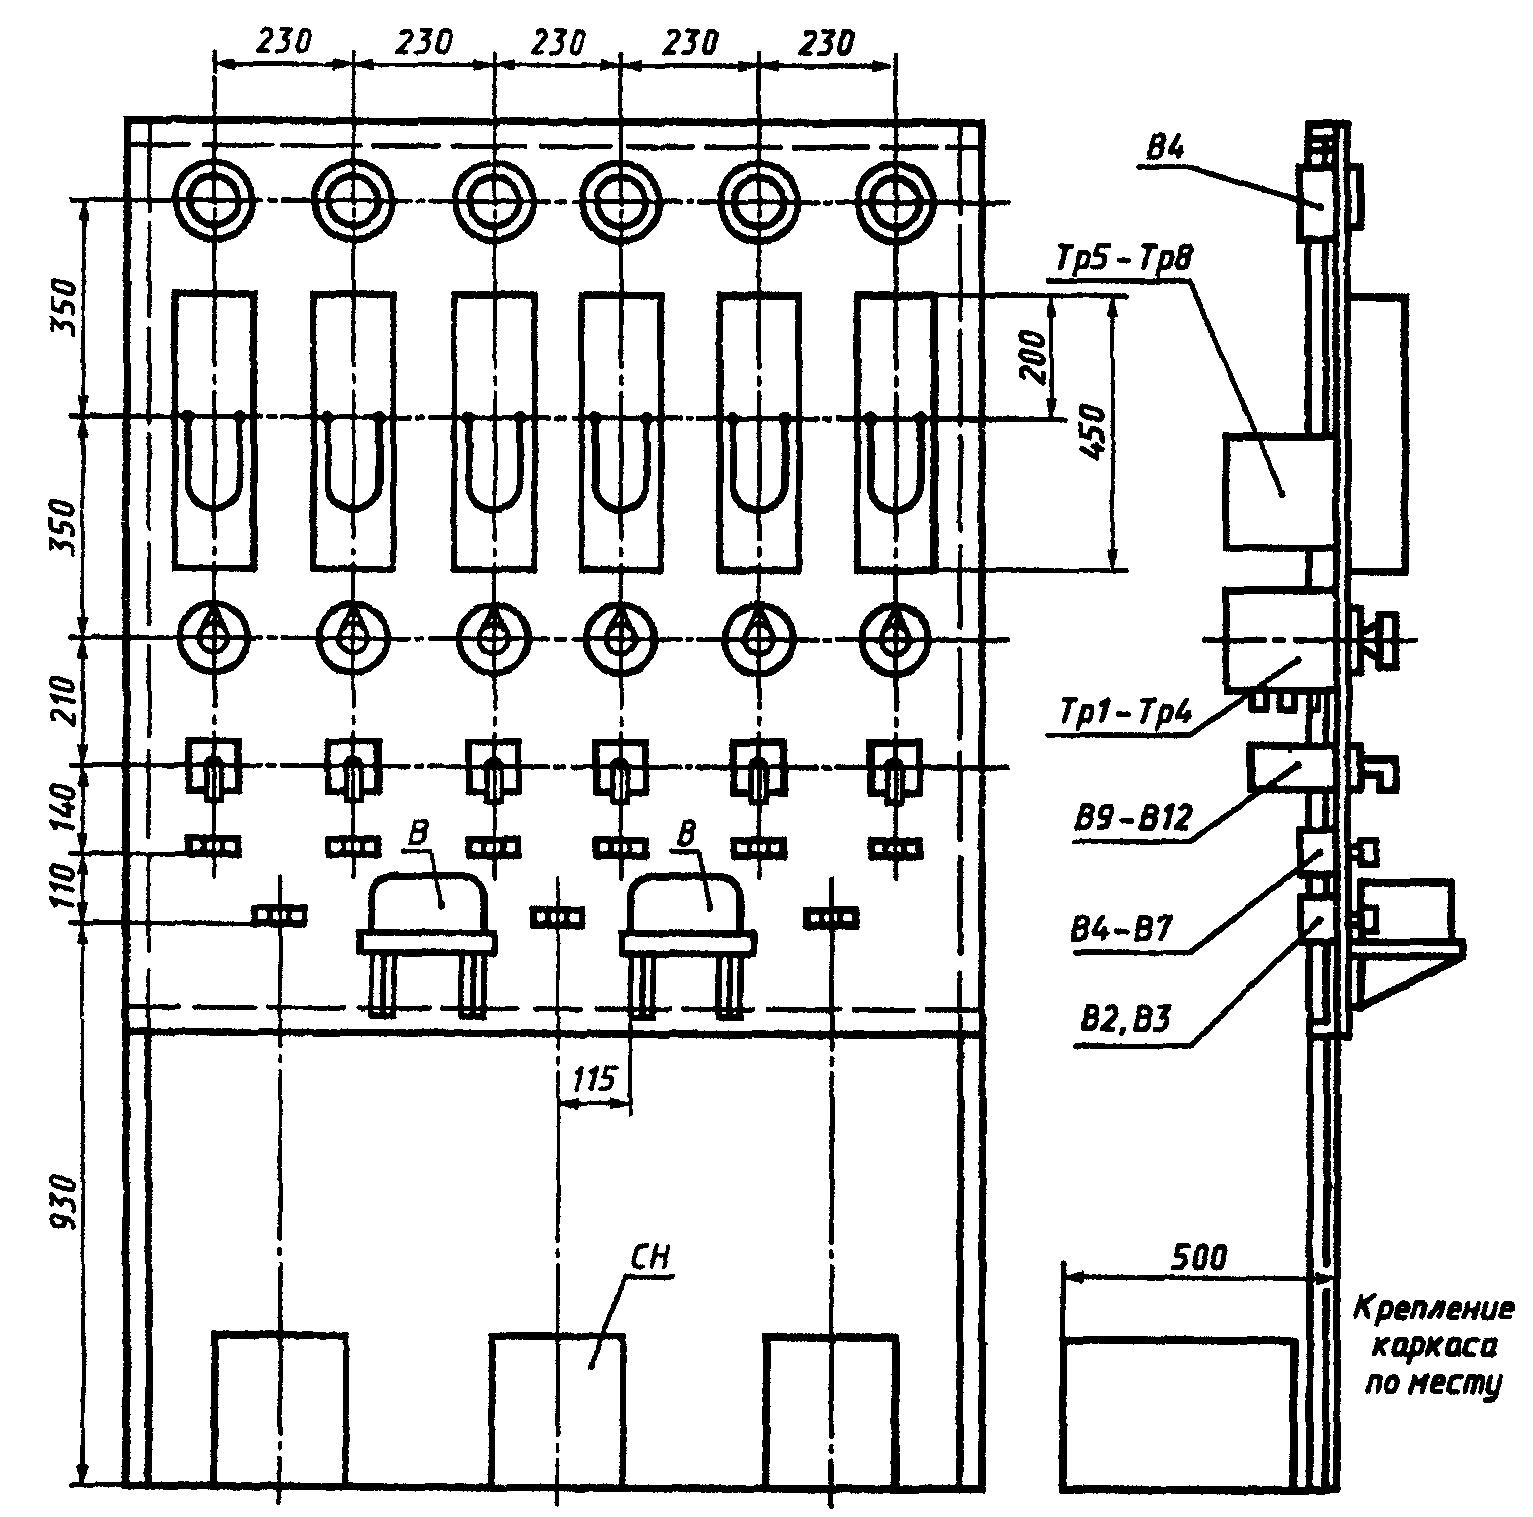 Пример офшорной схемы